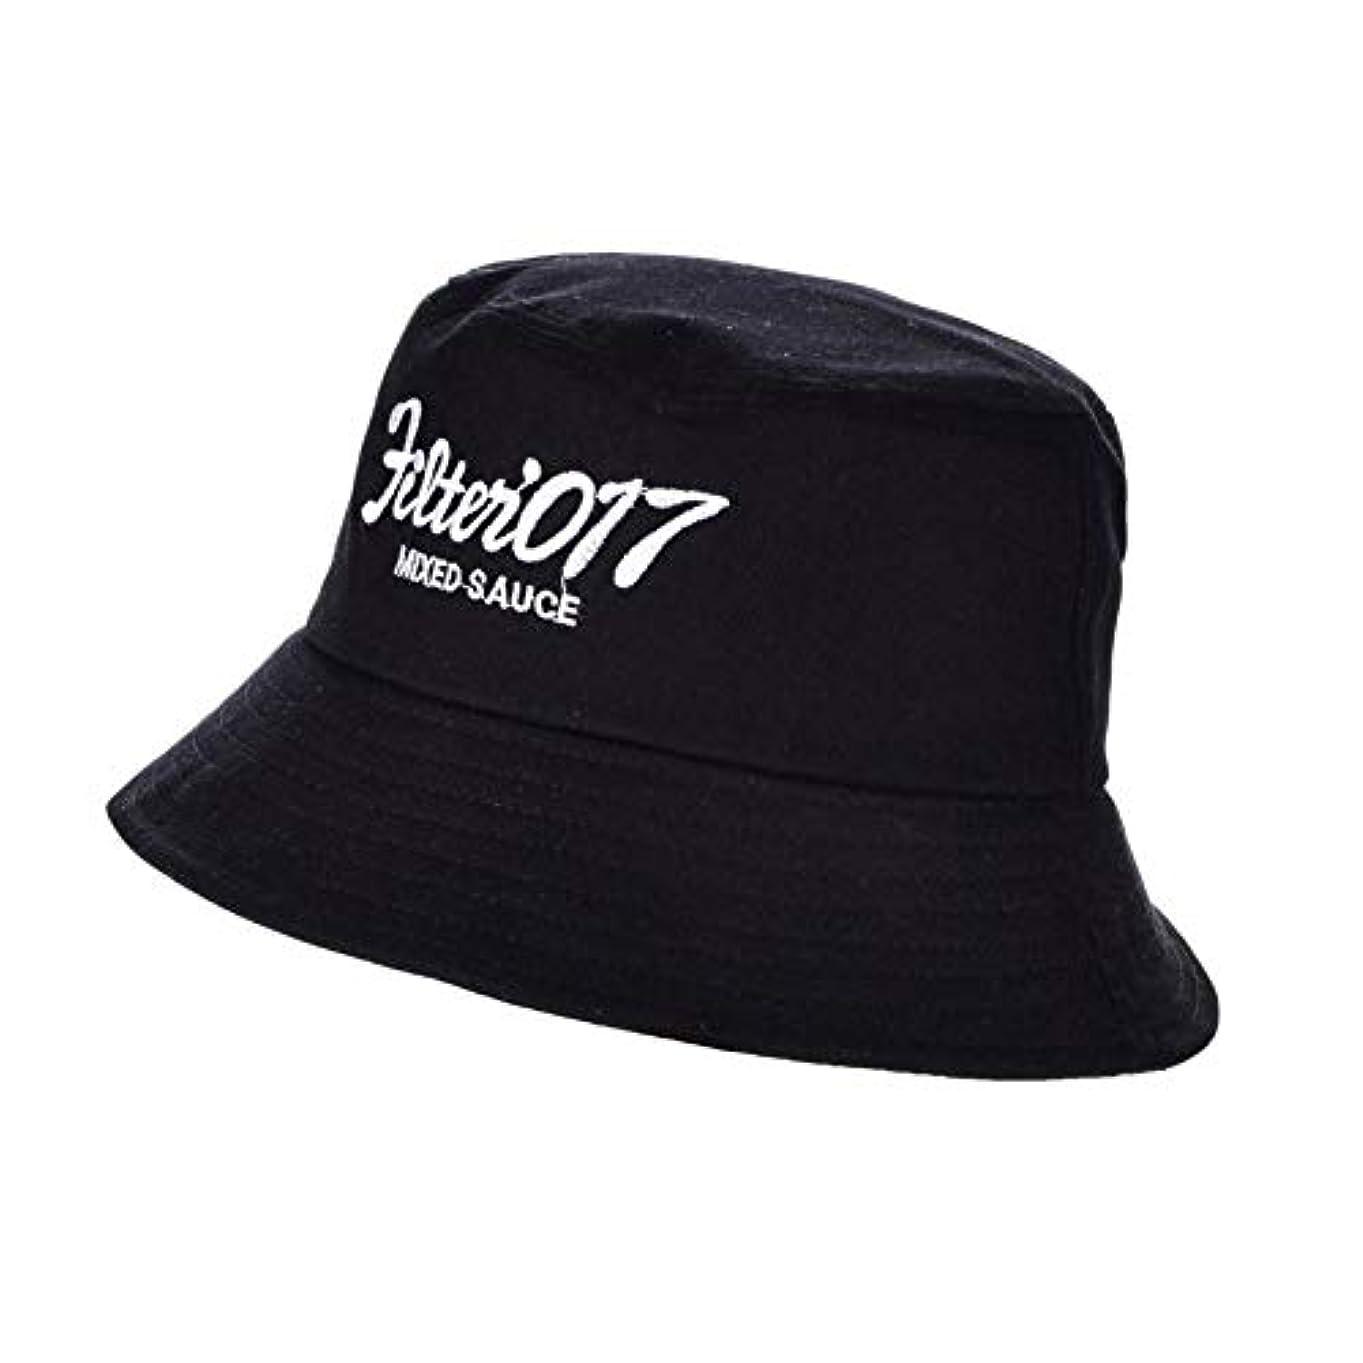 Là Vestmon 盆地の帽子ユニセックス夏のレジャー野生の太陽の帽子漁師の帽子UV保護 アウトドアサマーメンズバイザー釣り登山アンチUV折りたたみ漁師の帽子